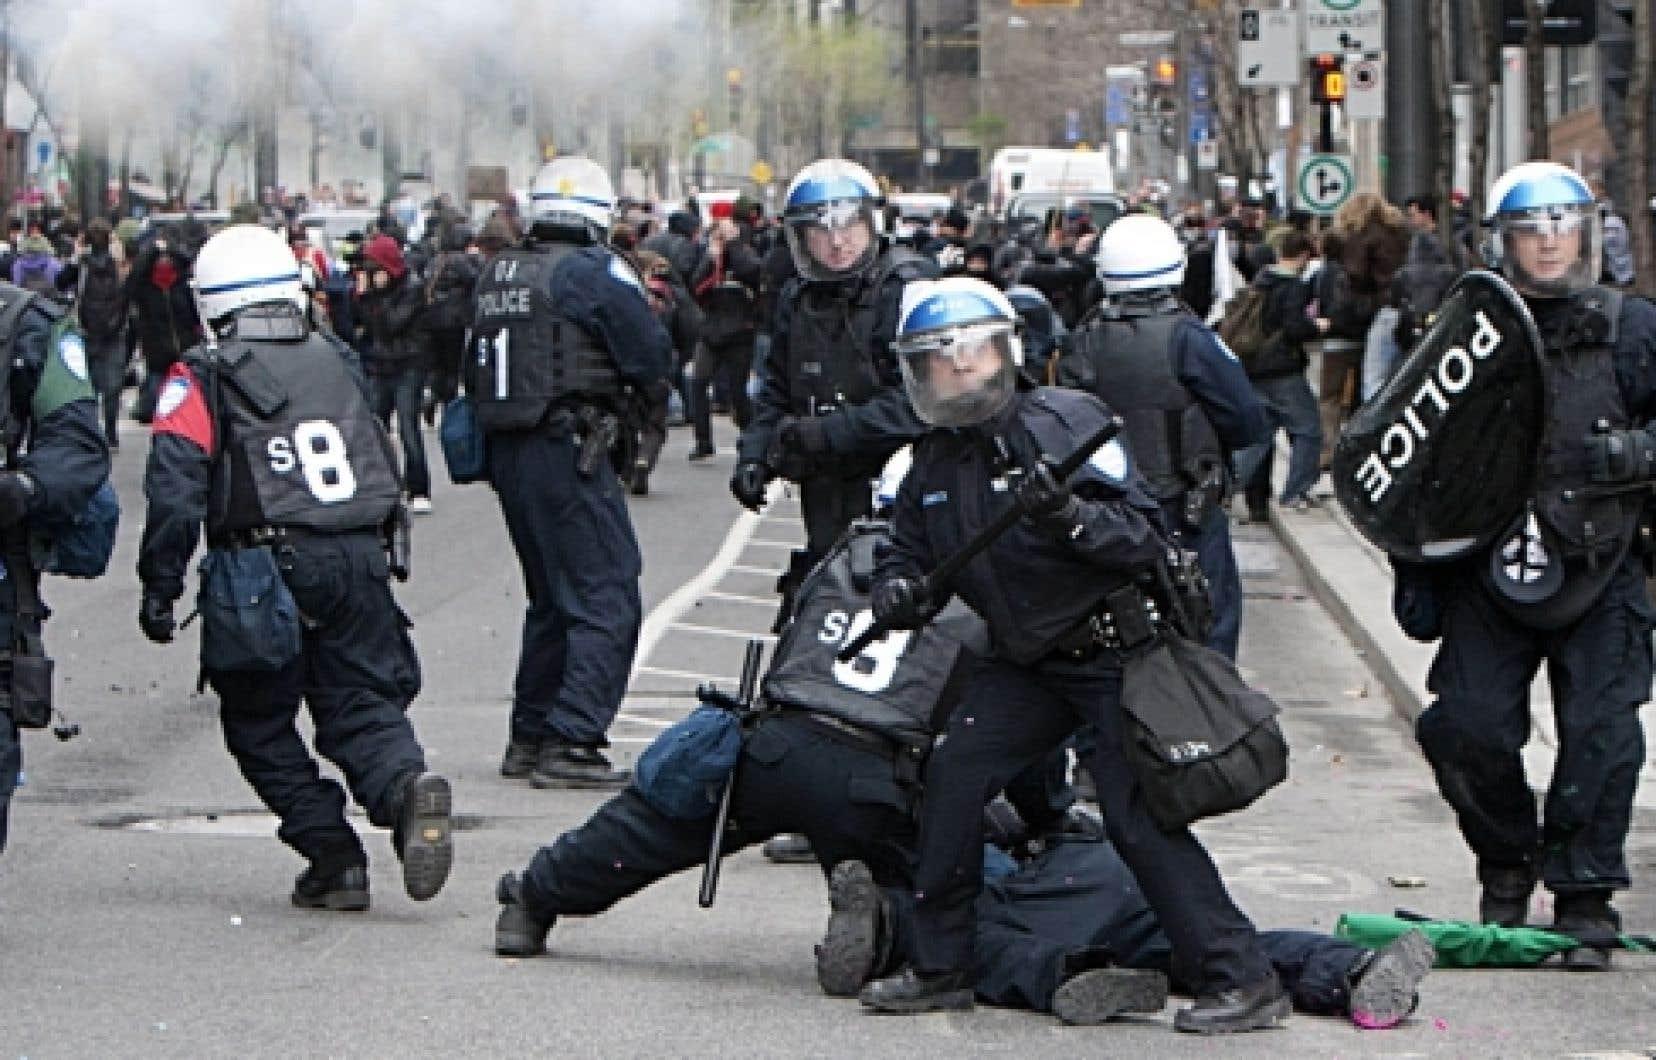 Pendant que Jean Charest s'adressait à des centaines d'hommes d'affaires au Palais des congrès, une protestation étudiante a complètement dégénéré hier dans les rues de Montréal.<br />